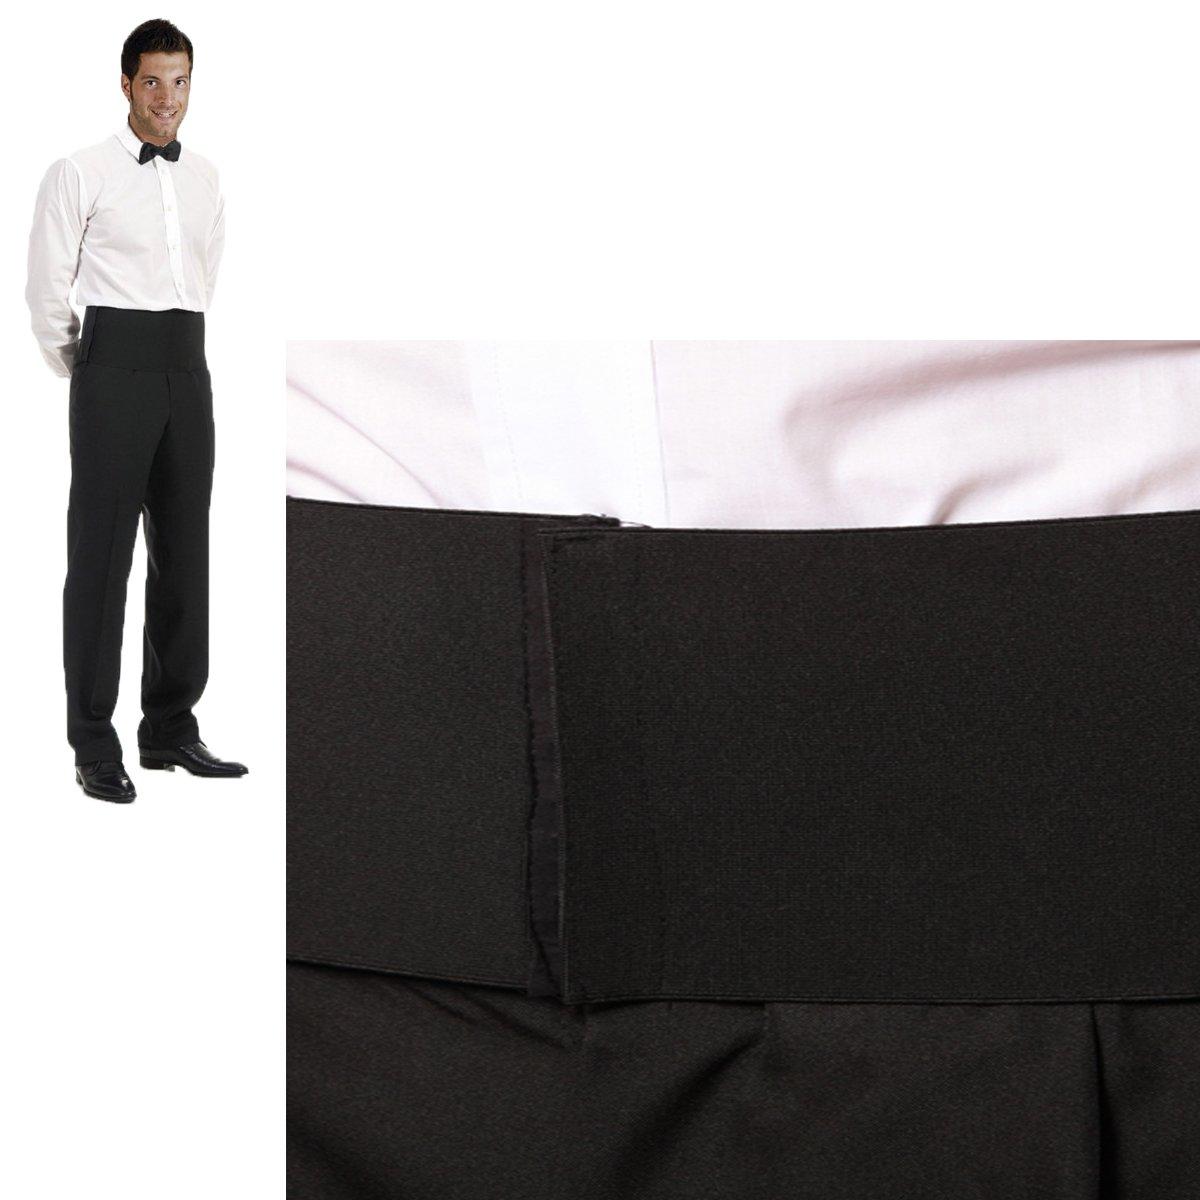 Fascia cameriere vita elastica alta nera servizio sala bar ristorante hotel